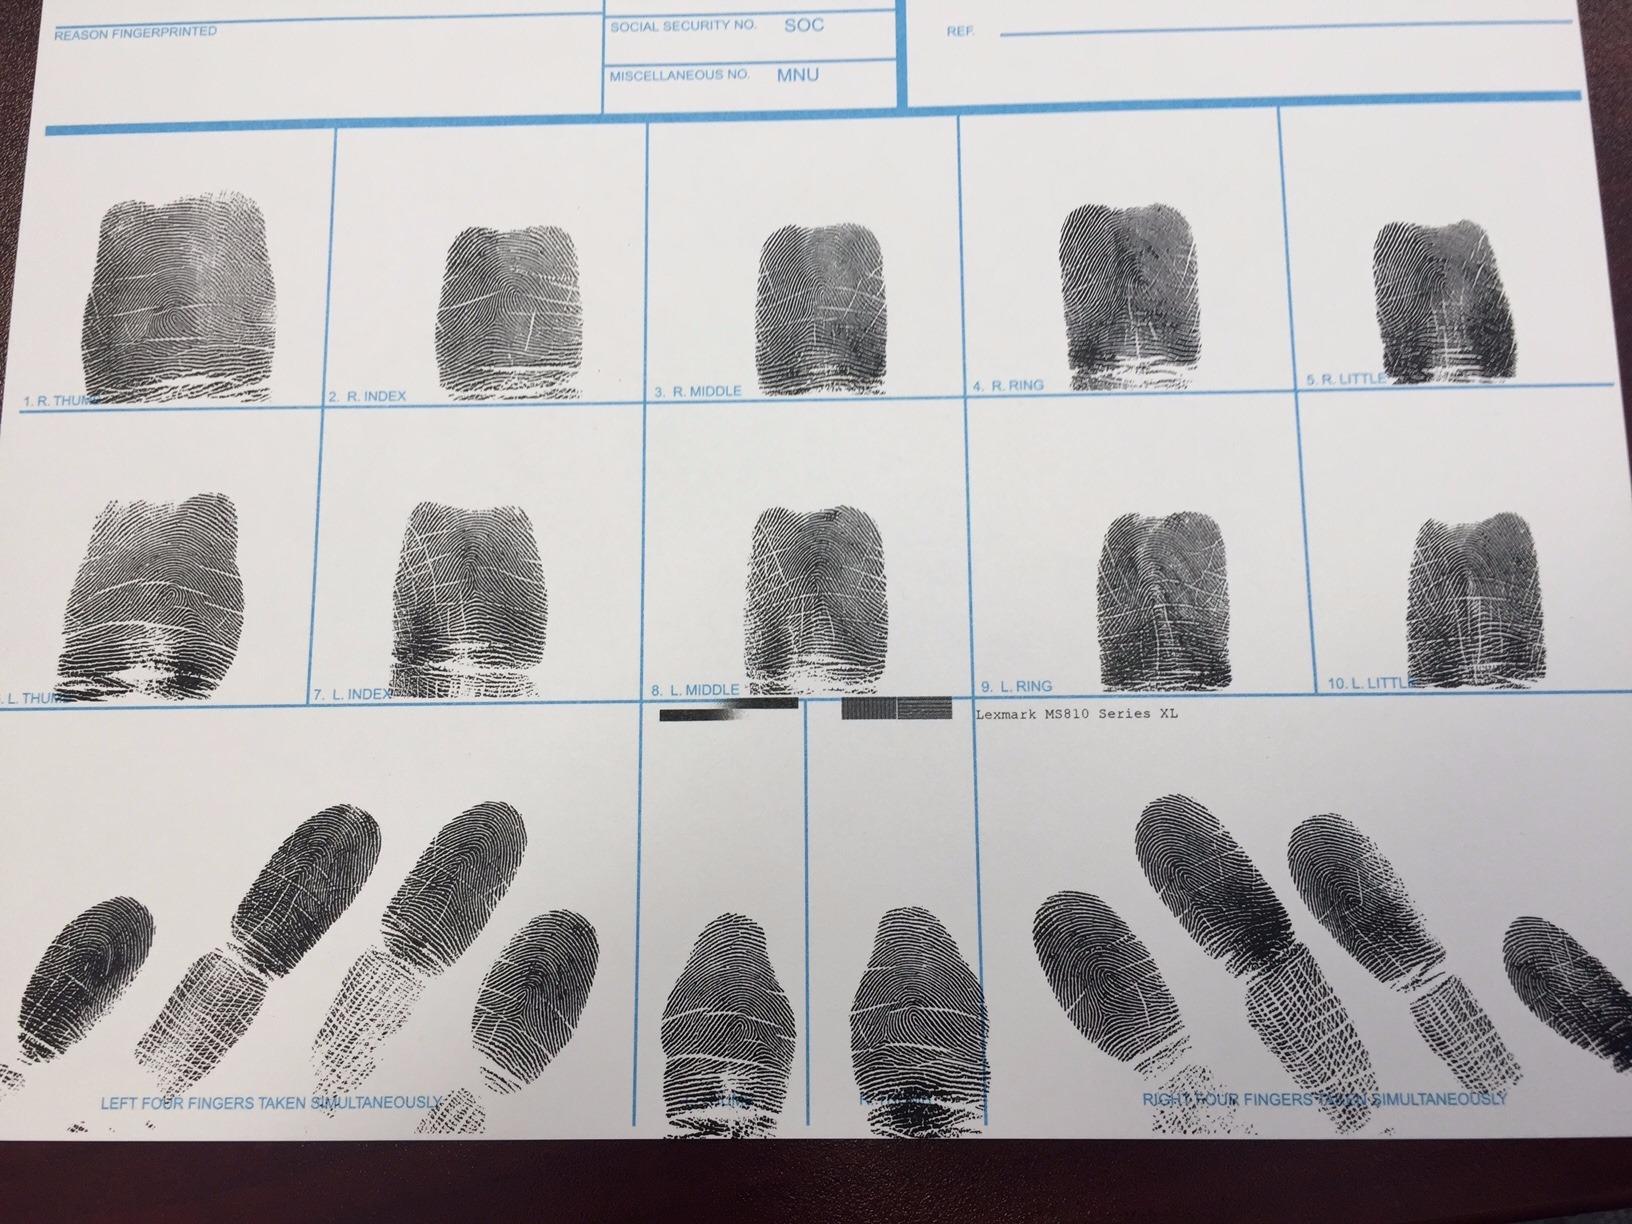 Colorado Fingerprinting